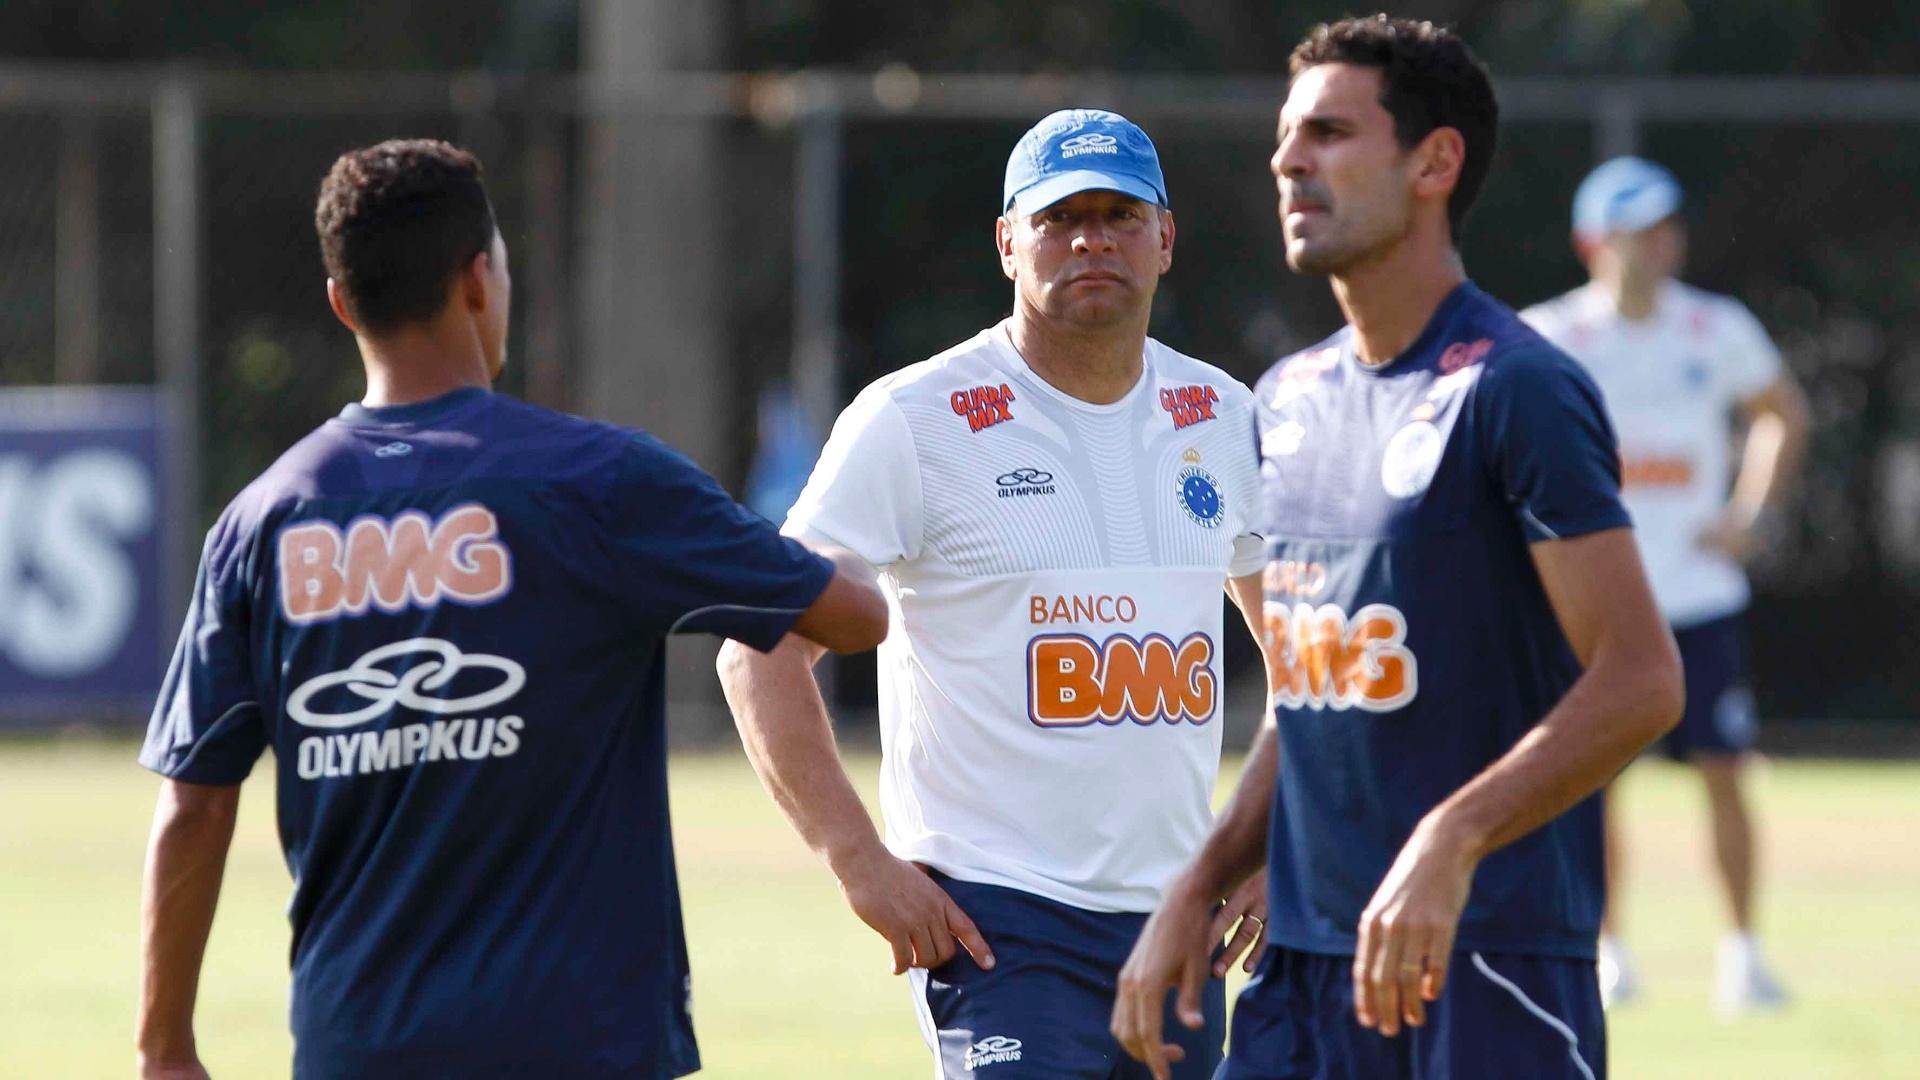 Colônia gaúcha  influencia hábitos e costumes nos rivais Cruzeiro e  Atlético-MG - 28 09 2012 - UOL Esporte fe464dd75b102